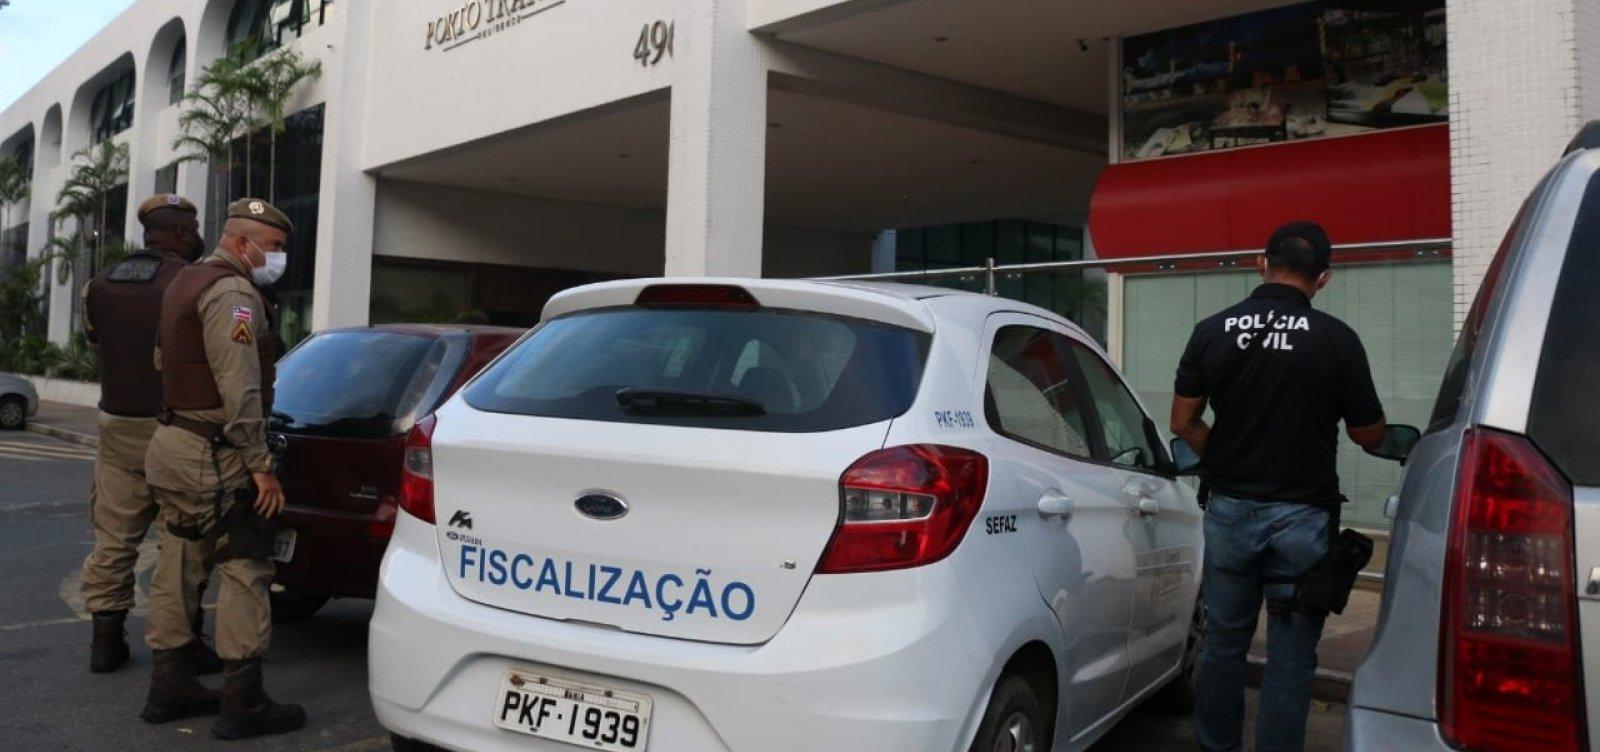 Polícia Civil da Bahia cumpre 8 mandados de prisão contra organização criminosa que movimentou R$ 75 milhões